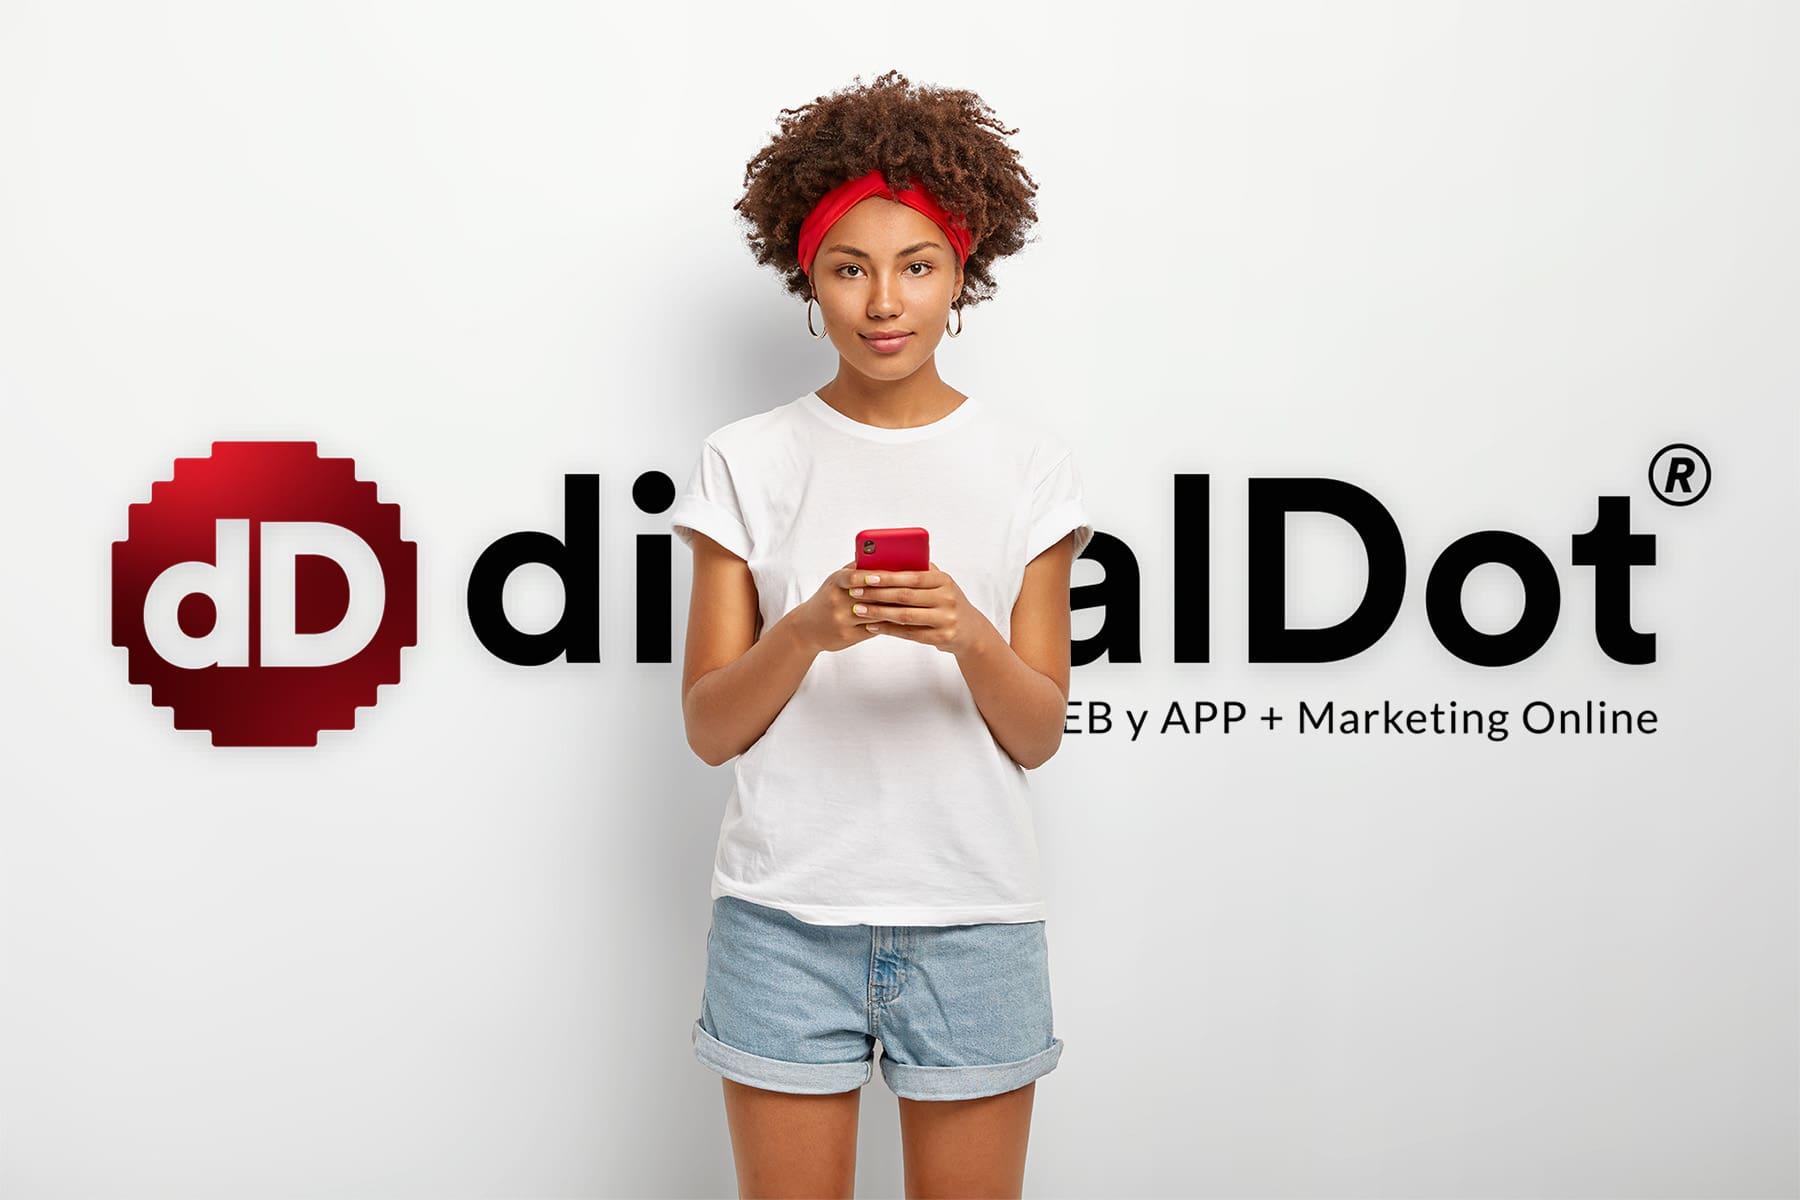 Posicionamiento con contenido. digitalDot